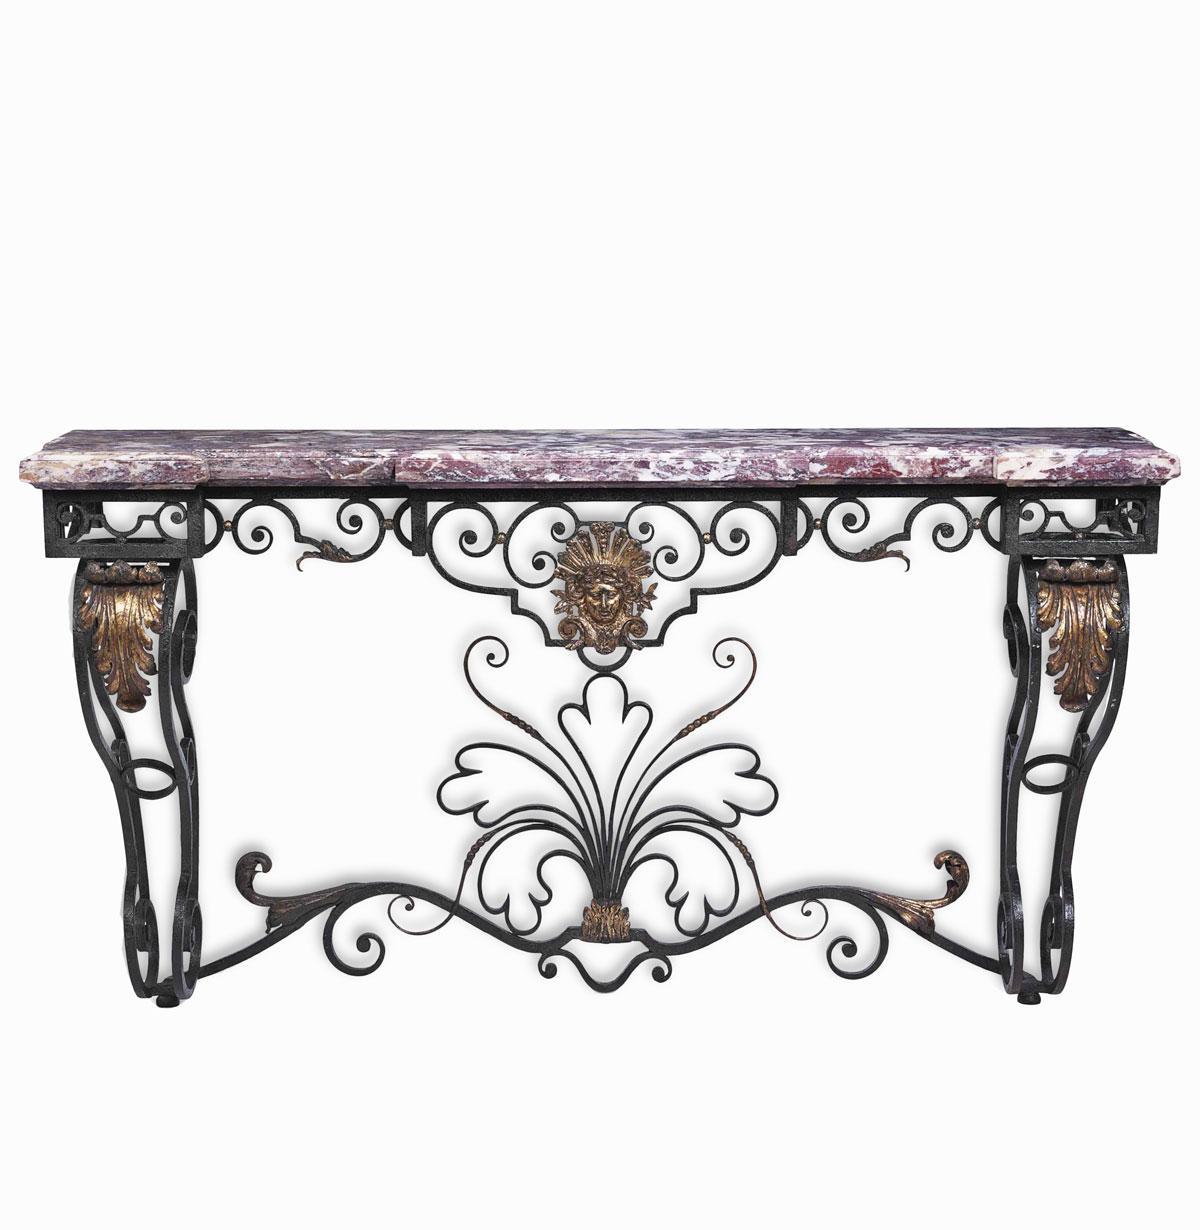 meuble ancien fer forgé, console fer forgé dessus marbre.